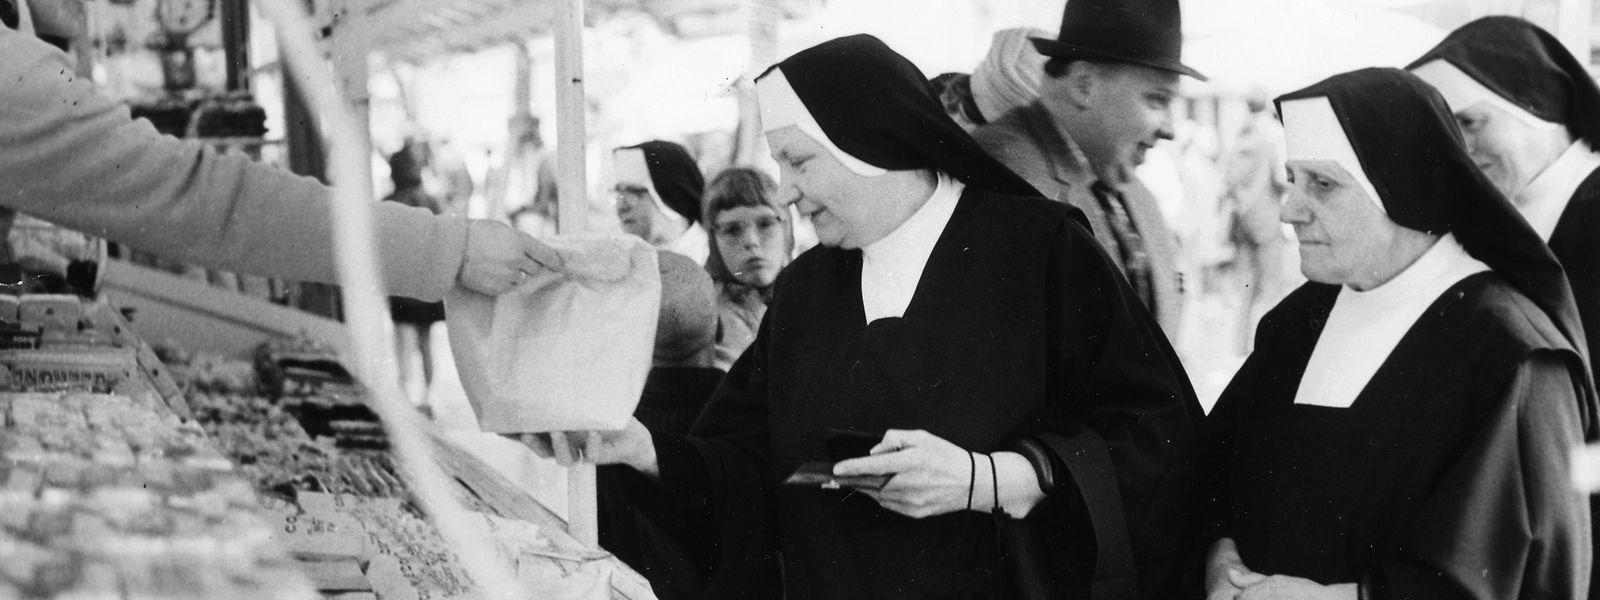 Süße Versuchung: Ordensschwestern decken sich am Oktavmäertchen mit Confiserie ein.